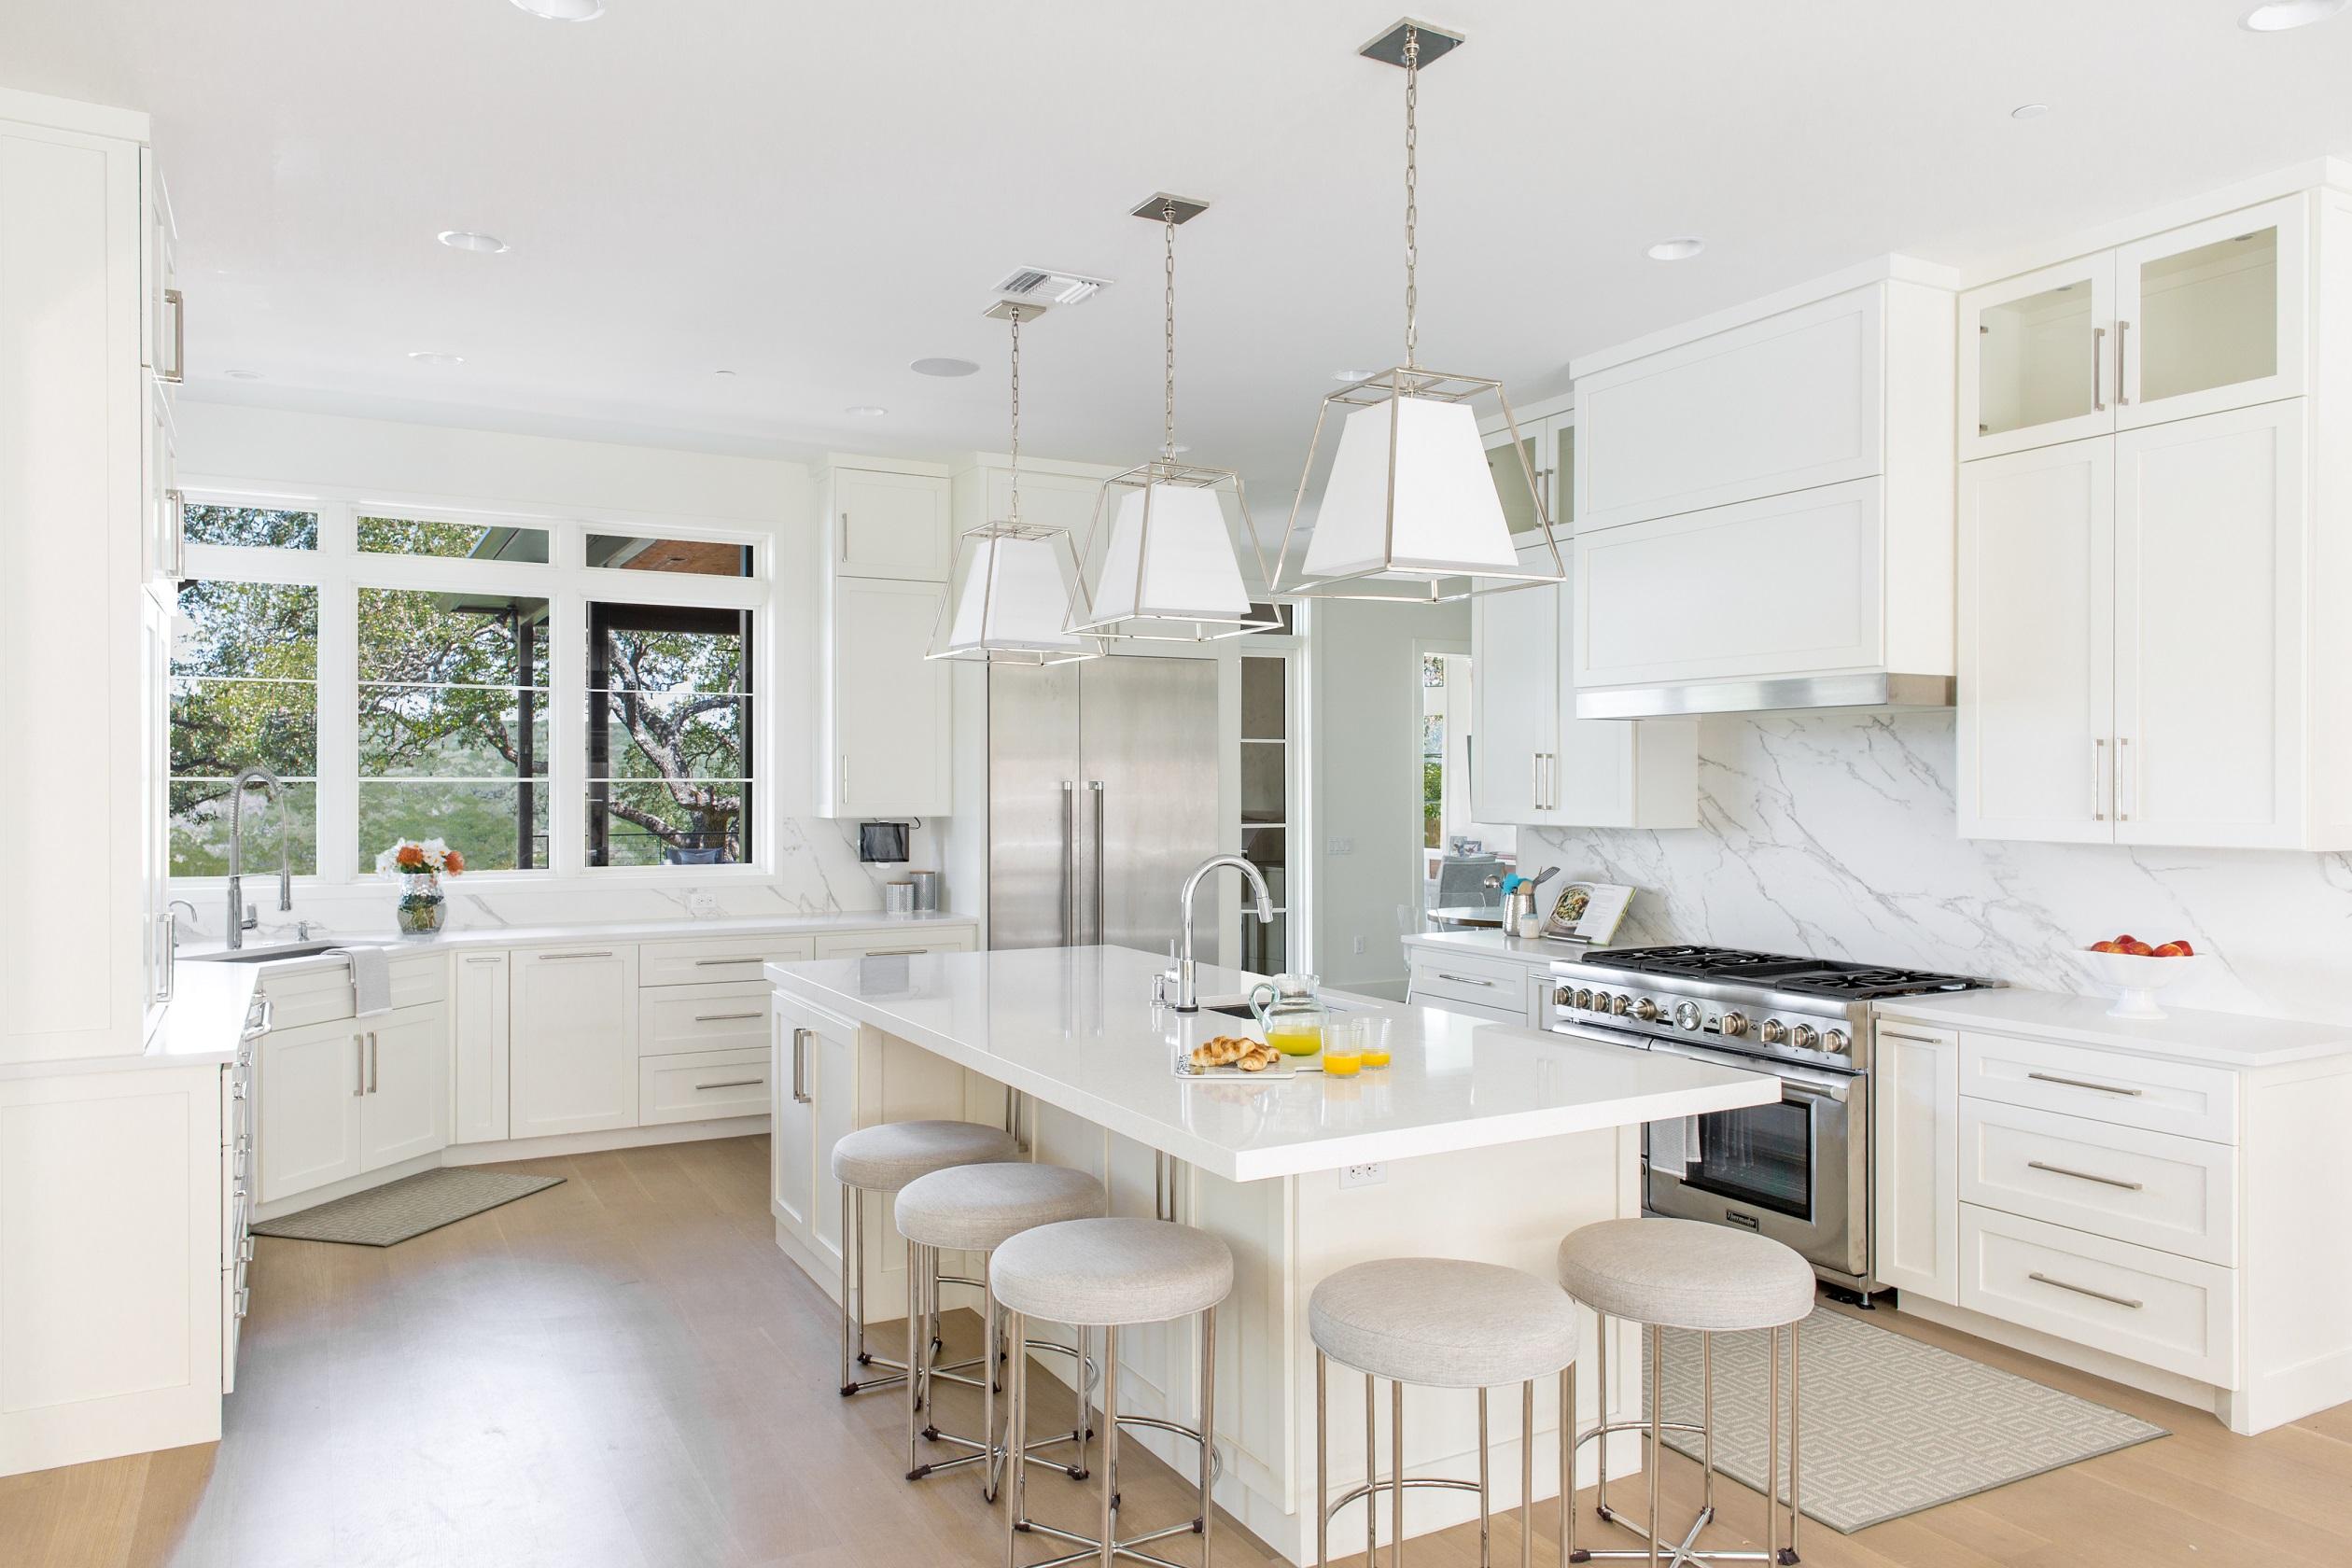 lake-austin-residence-kitchen-dining